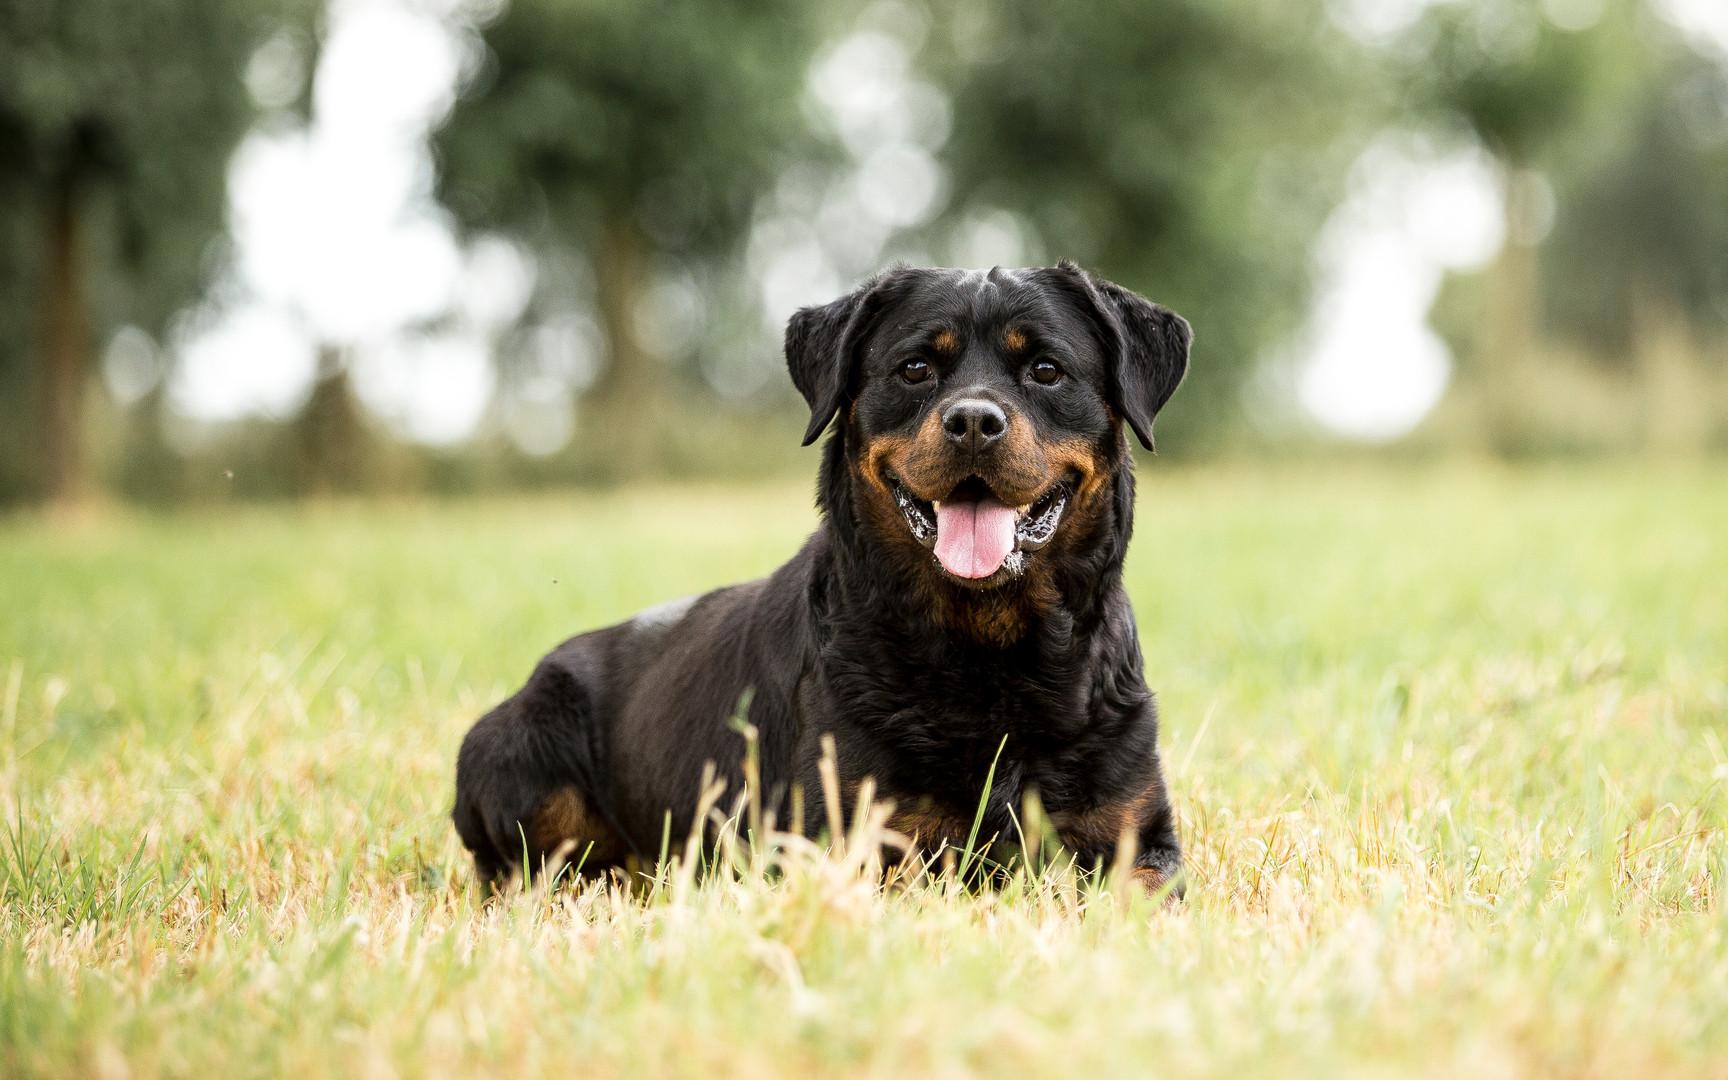 Sunny - Rottweiler